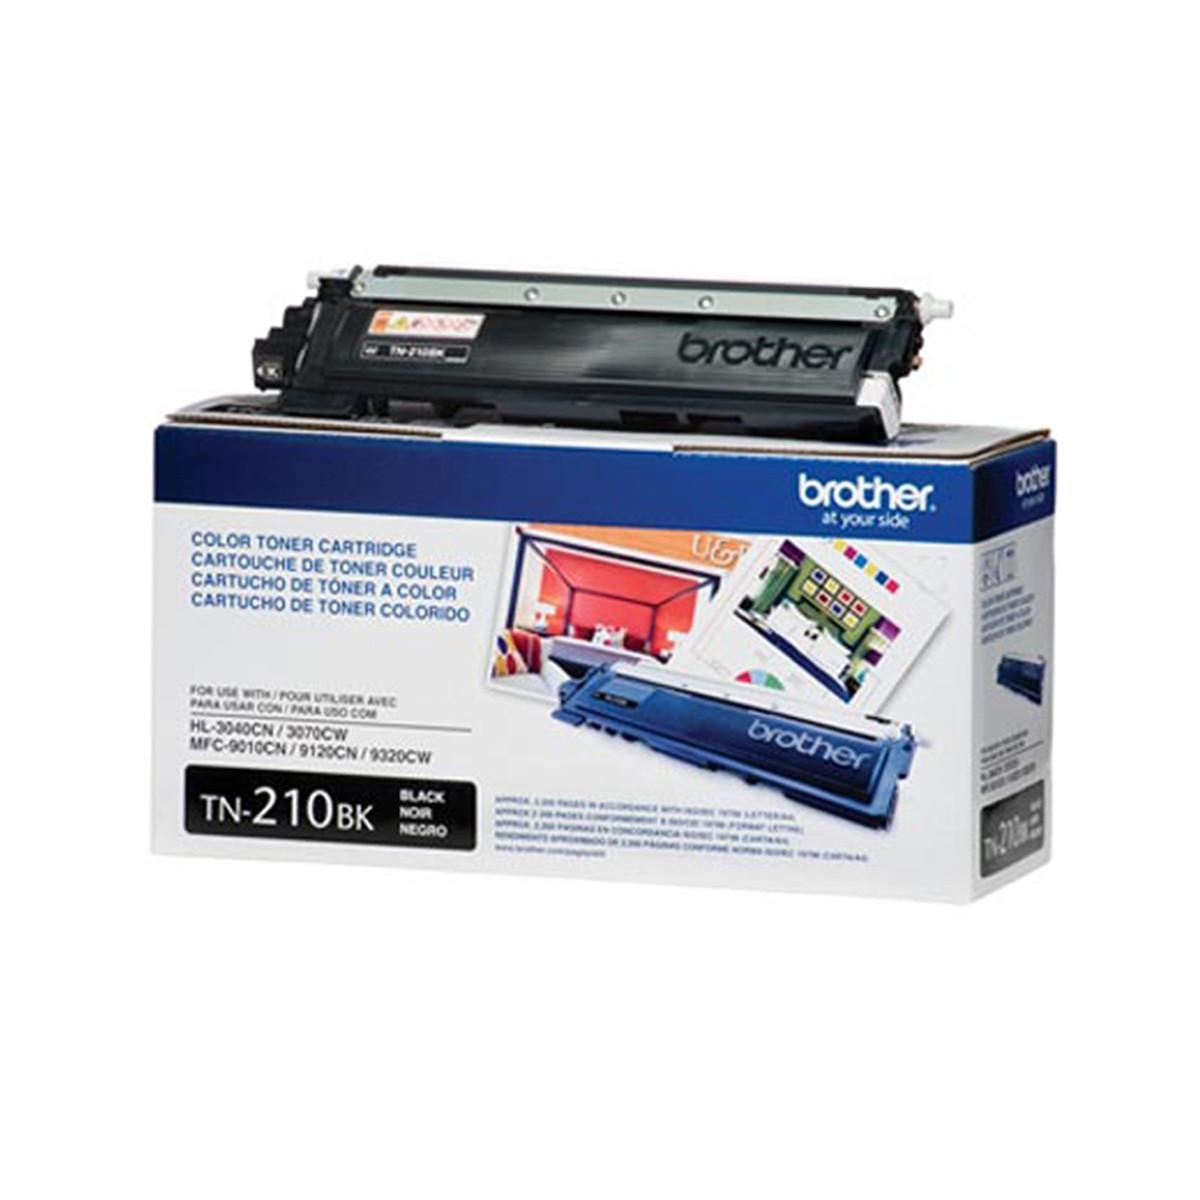 Toner Brother TN-210BK TN210 Preto   HL3040 HL3070 MFC9010 MFC9120 MFC9320   Original 2.2k